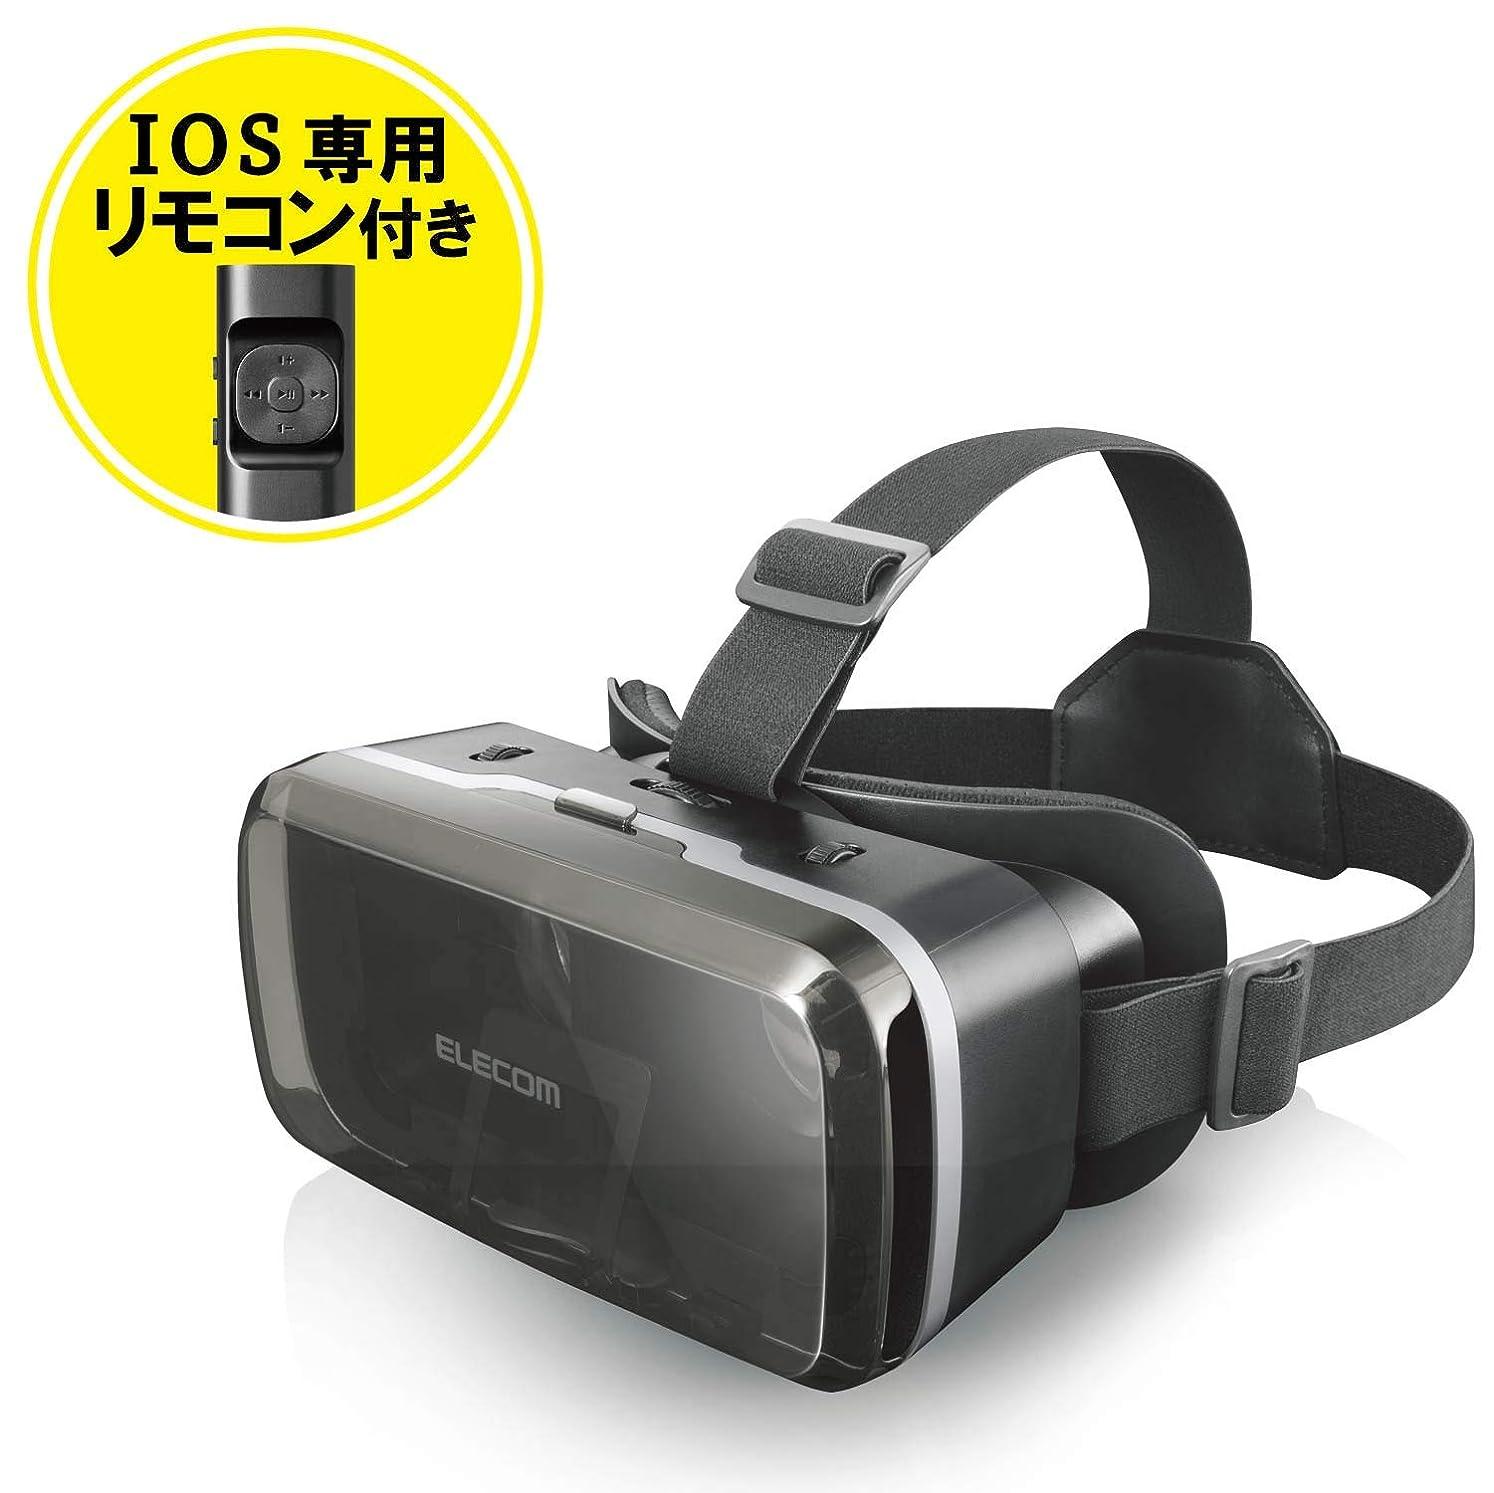 テキストご意見西部エレコム VRゴーグル VRグラス 目幅?ピント調節可能 VRコントローラー付き Bluetooth DMM動画専用(iOs) メガネ対応 ブラック VRG-M01RBK